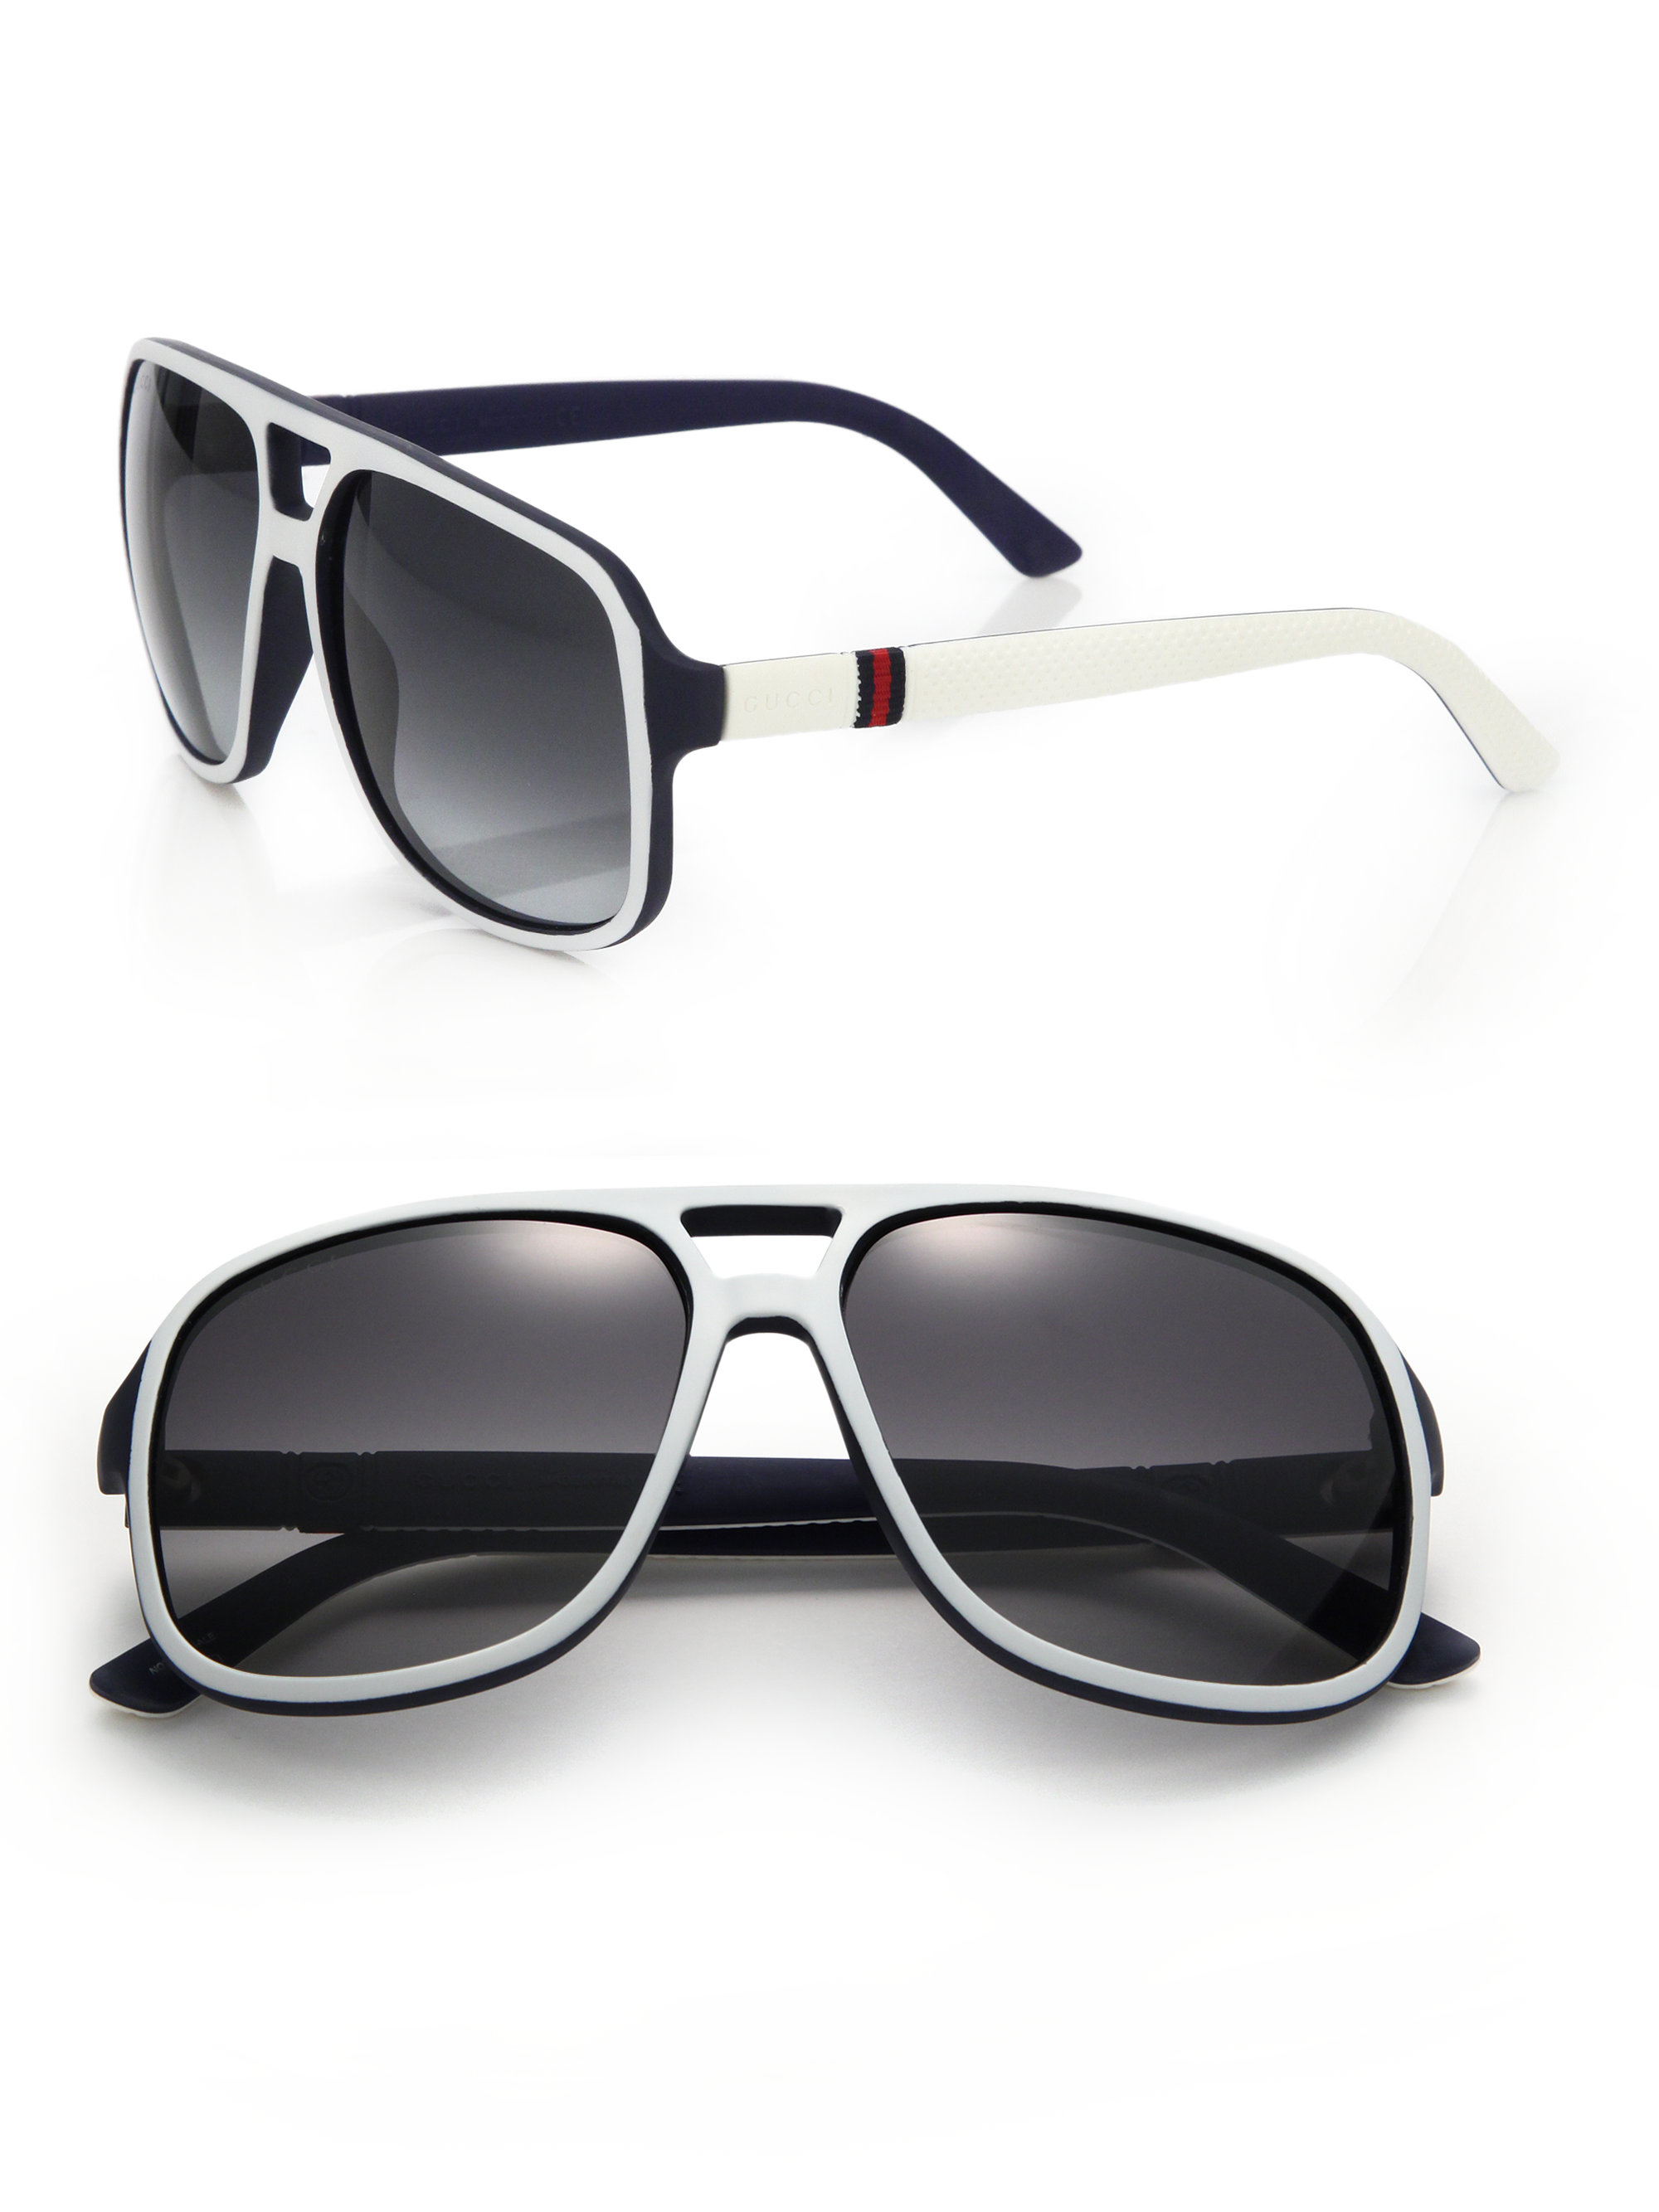 52102eccb4 Lyst - Gucci 1115 s 59mm Mirror Aviator Sunglasses in White